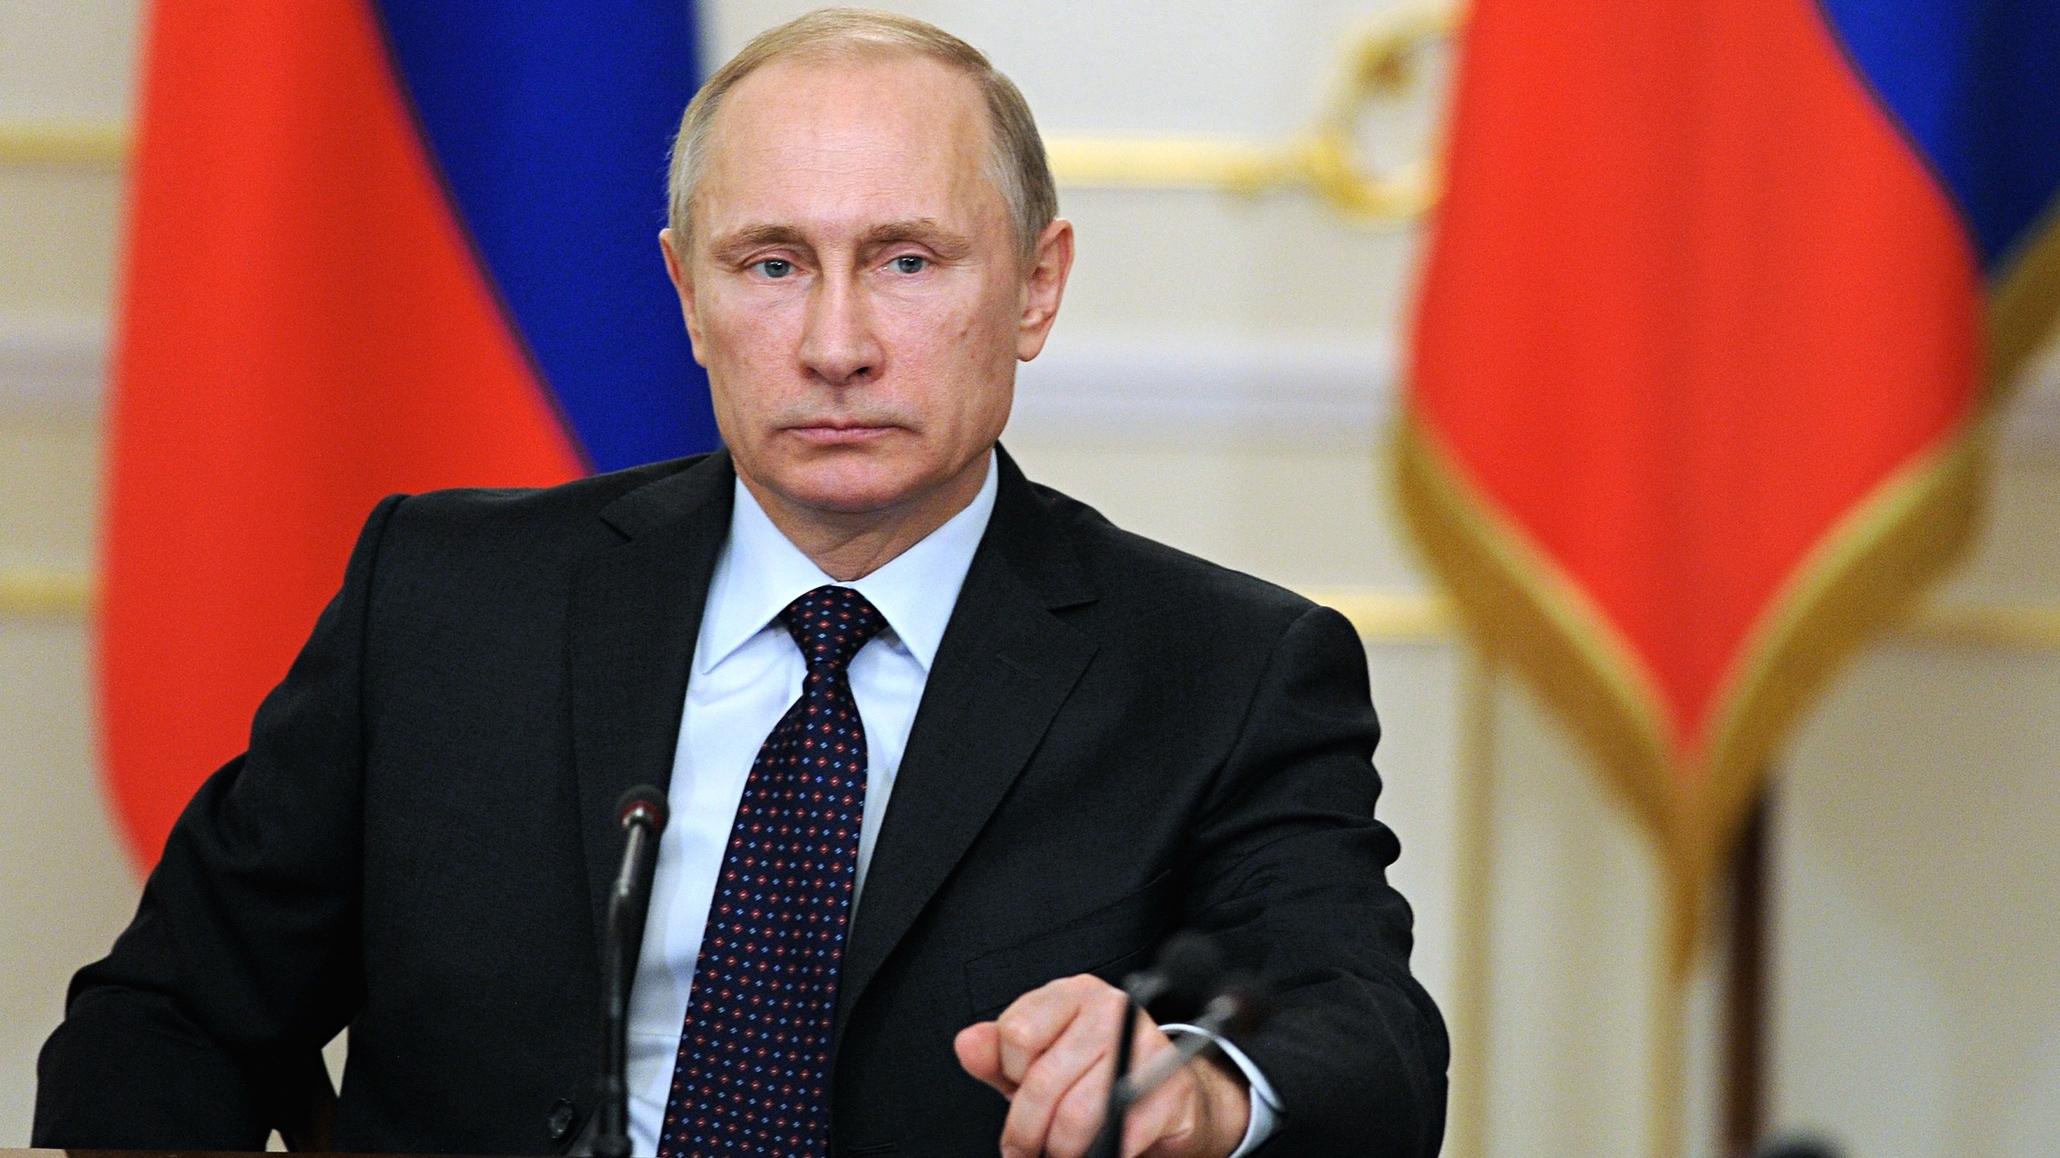 """俄罗斯总统普京呼吁全球石油生产商和消费者共同应对""""充满挑战的""""市场局面"""